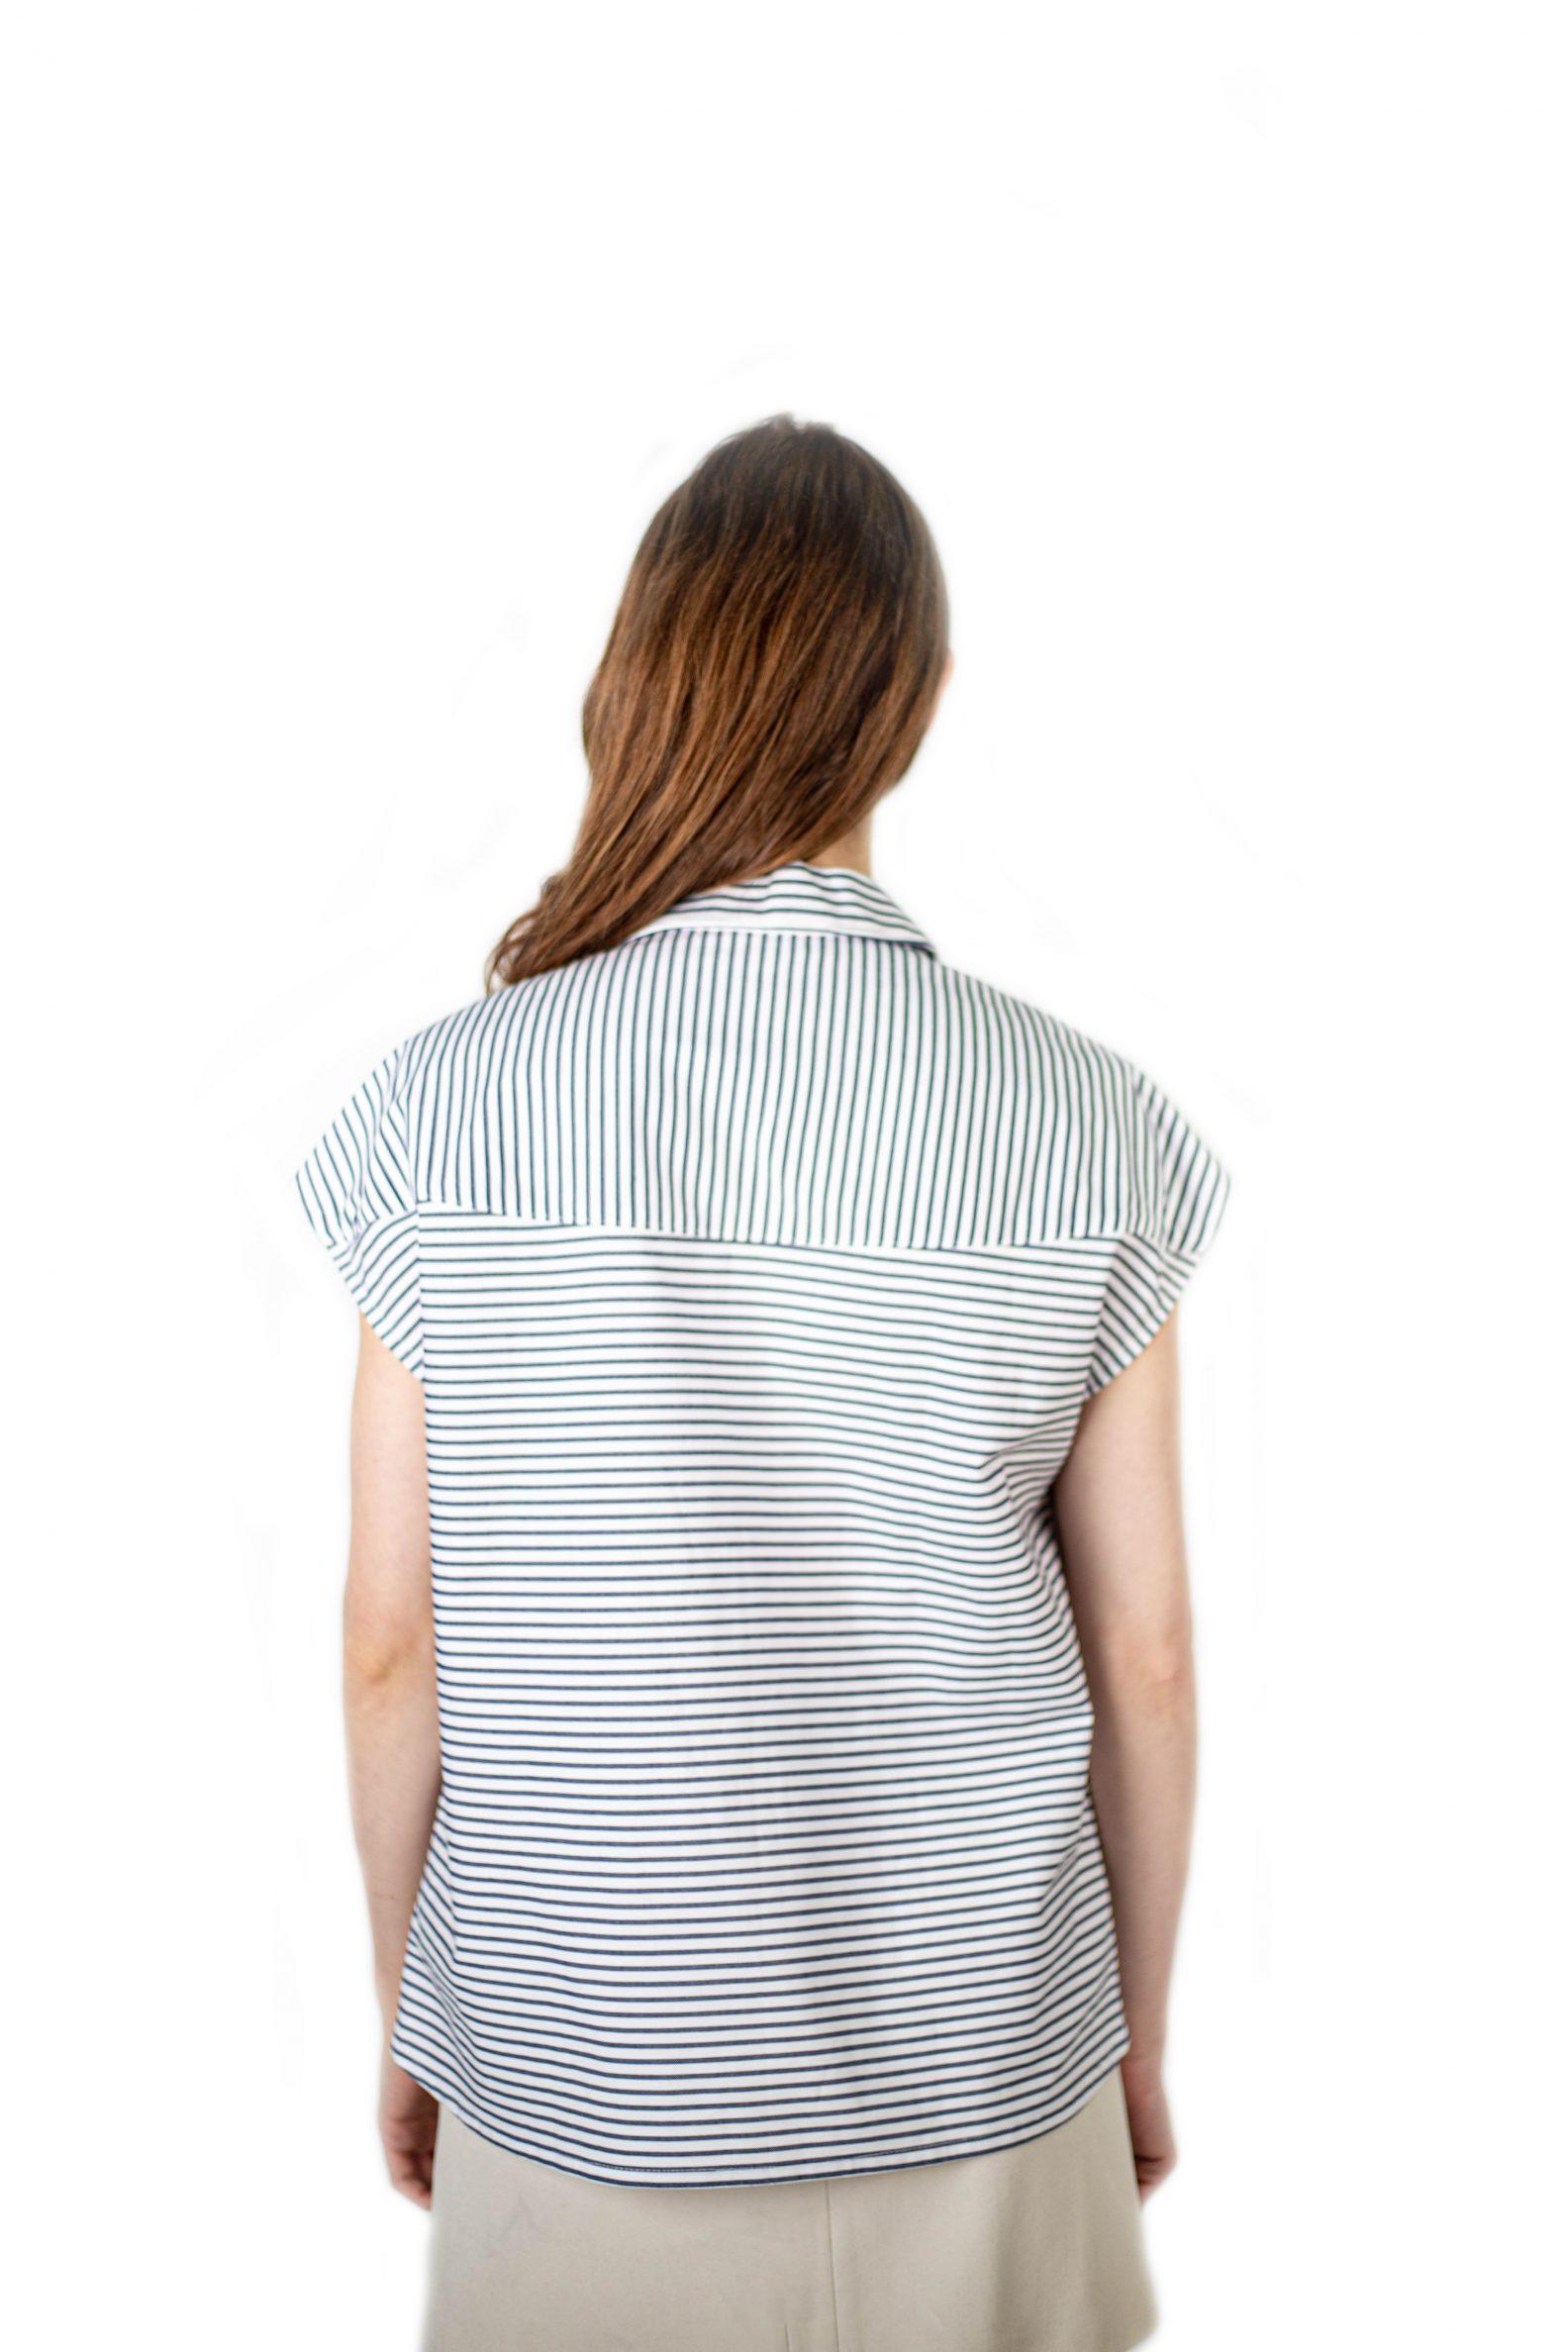 chemise unisexe sans manches et rayures affaires etrangeres antagony upcycling